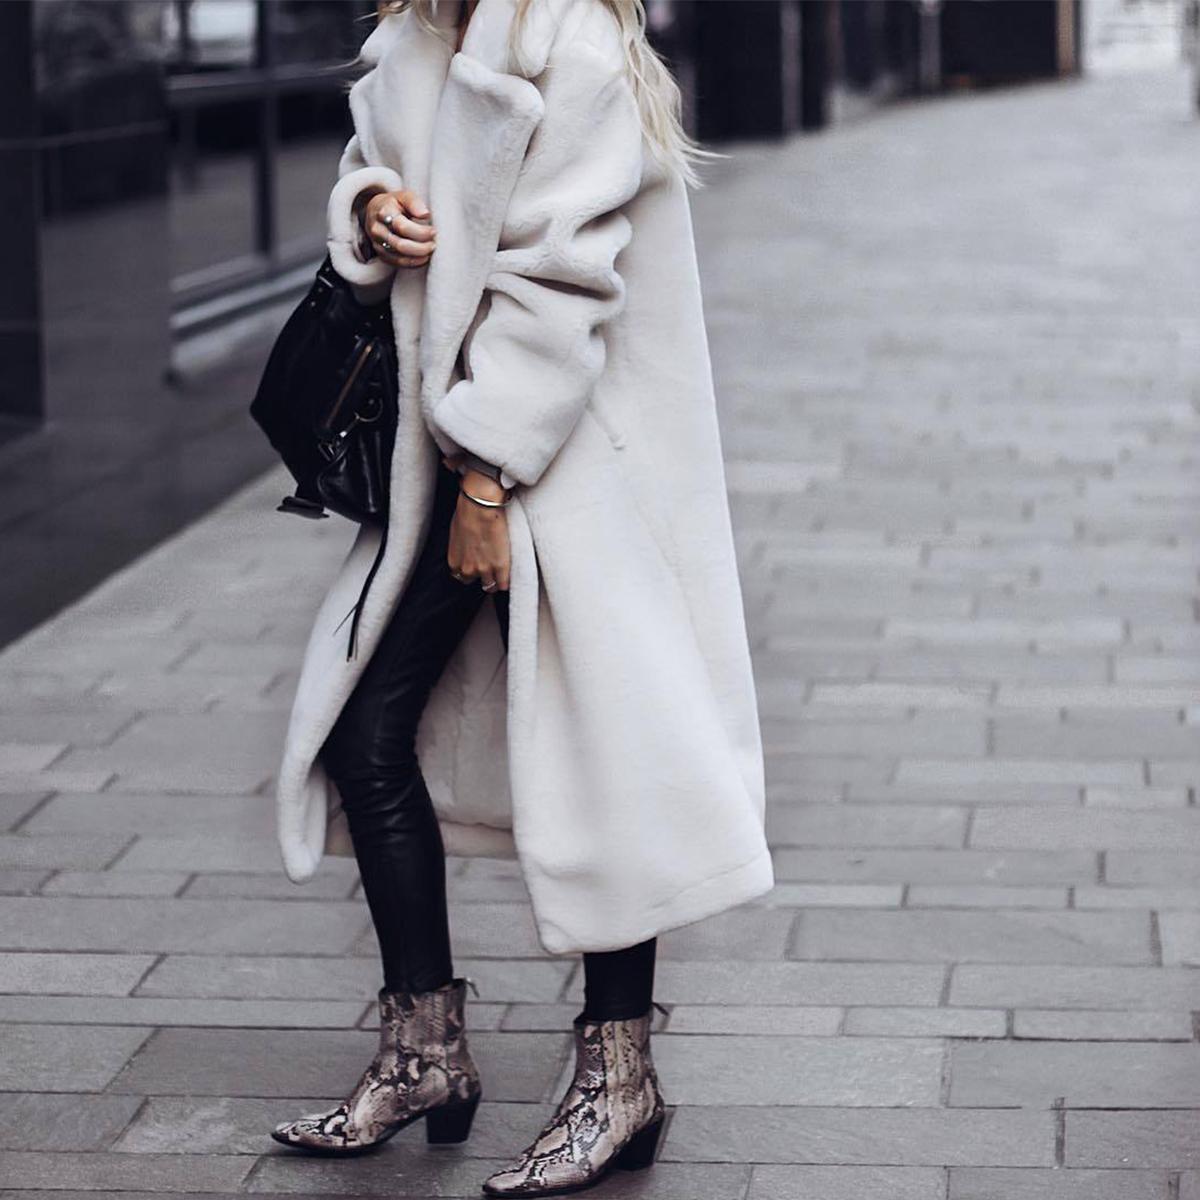 Women-Winter-Warm-Teddy-Bear-Fleece-Coat-Fluffy-Jacket-Cardigan-Overcoat-Outwear miniatura 13